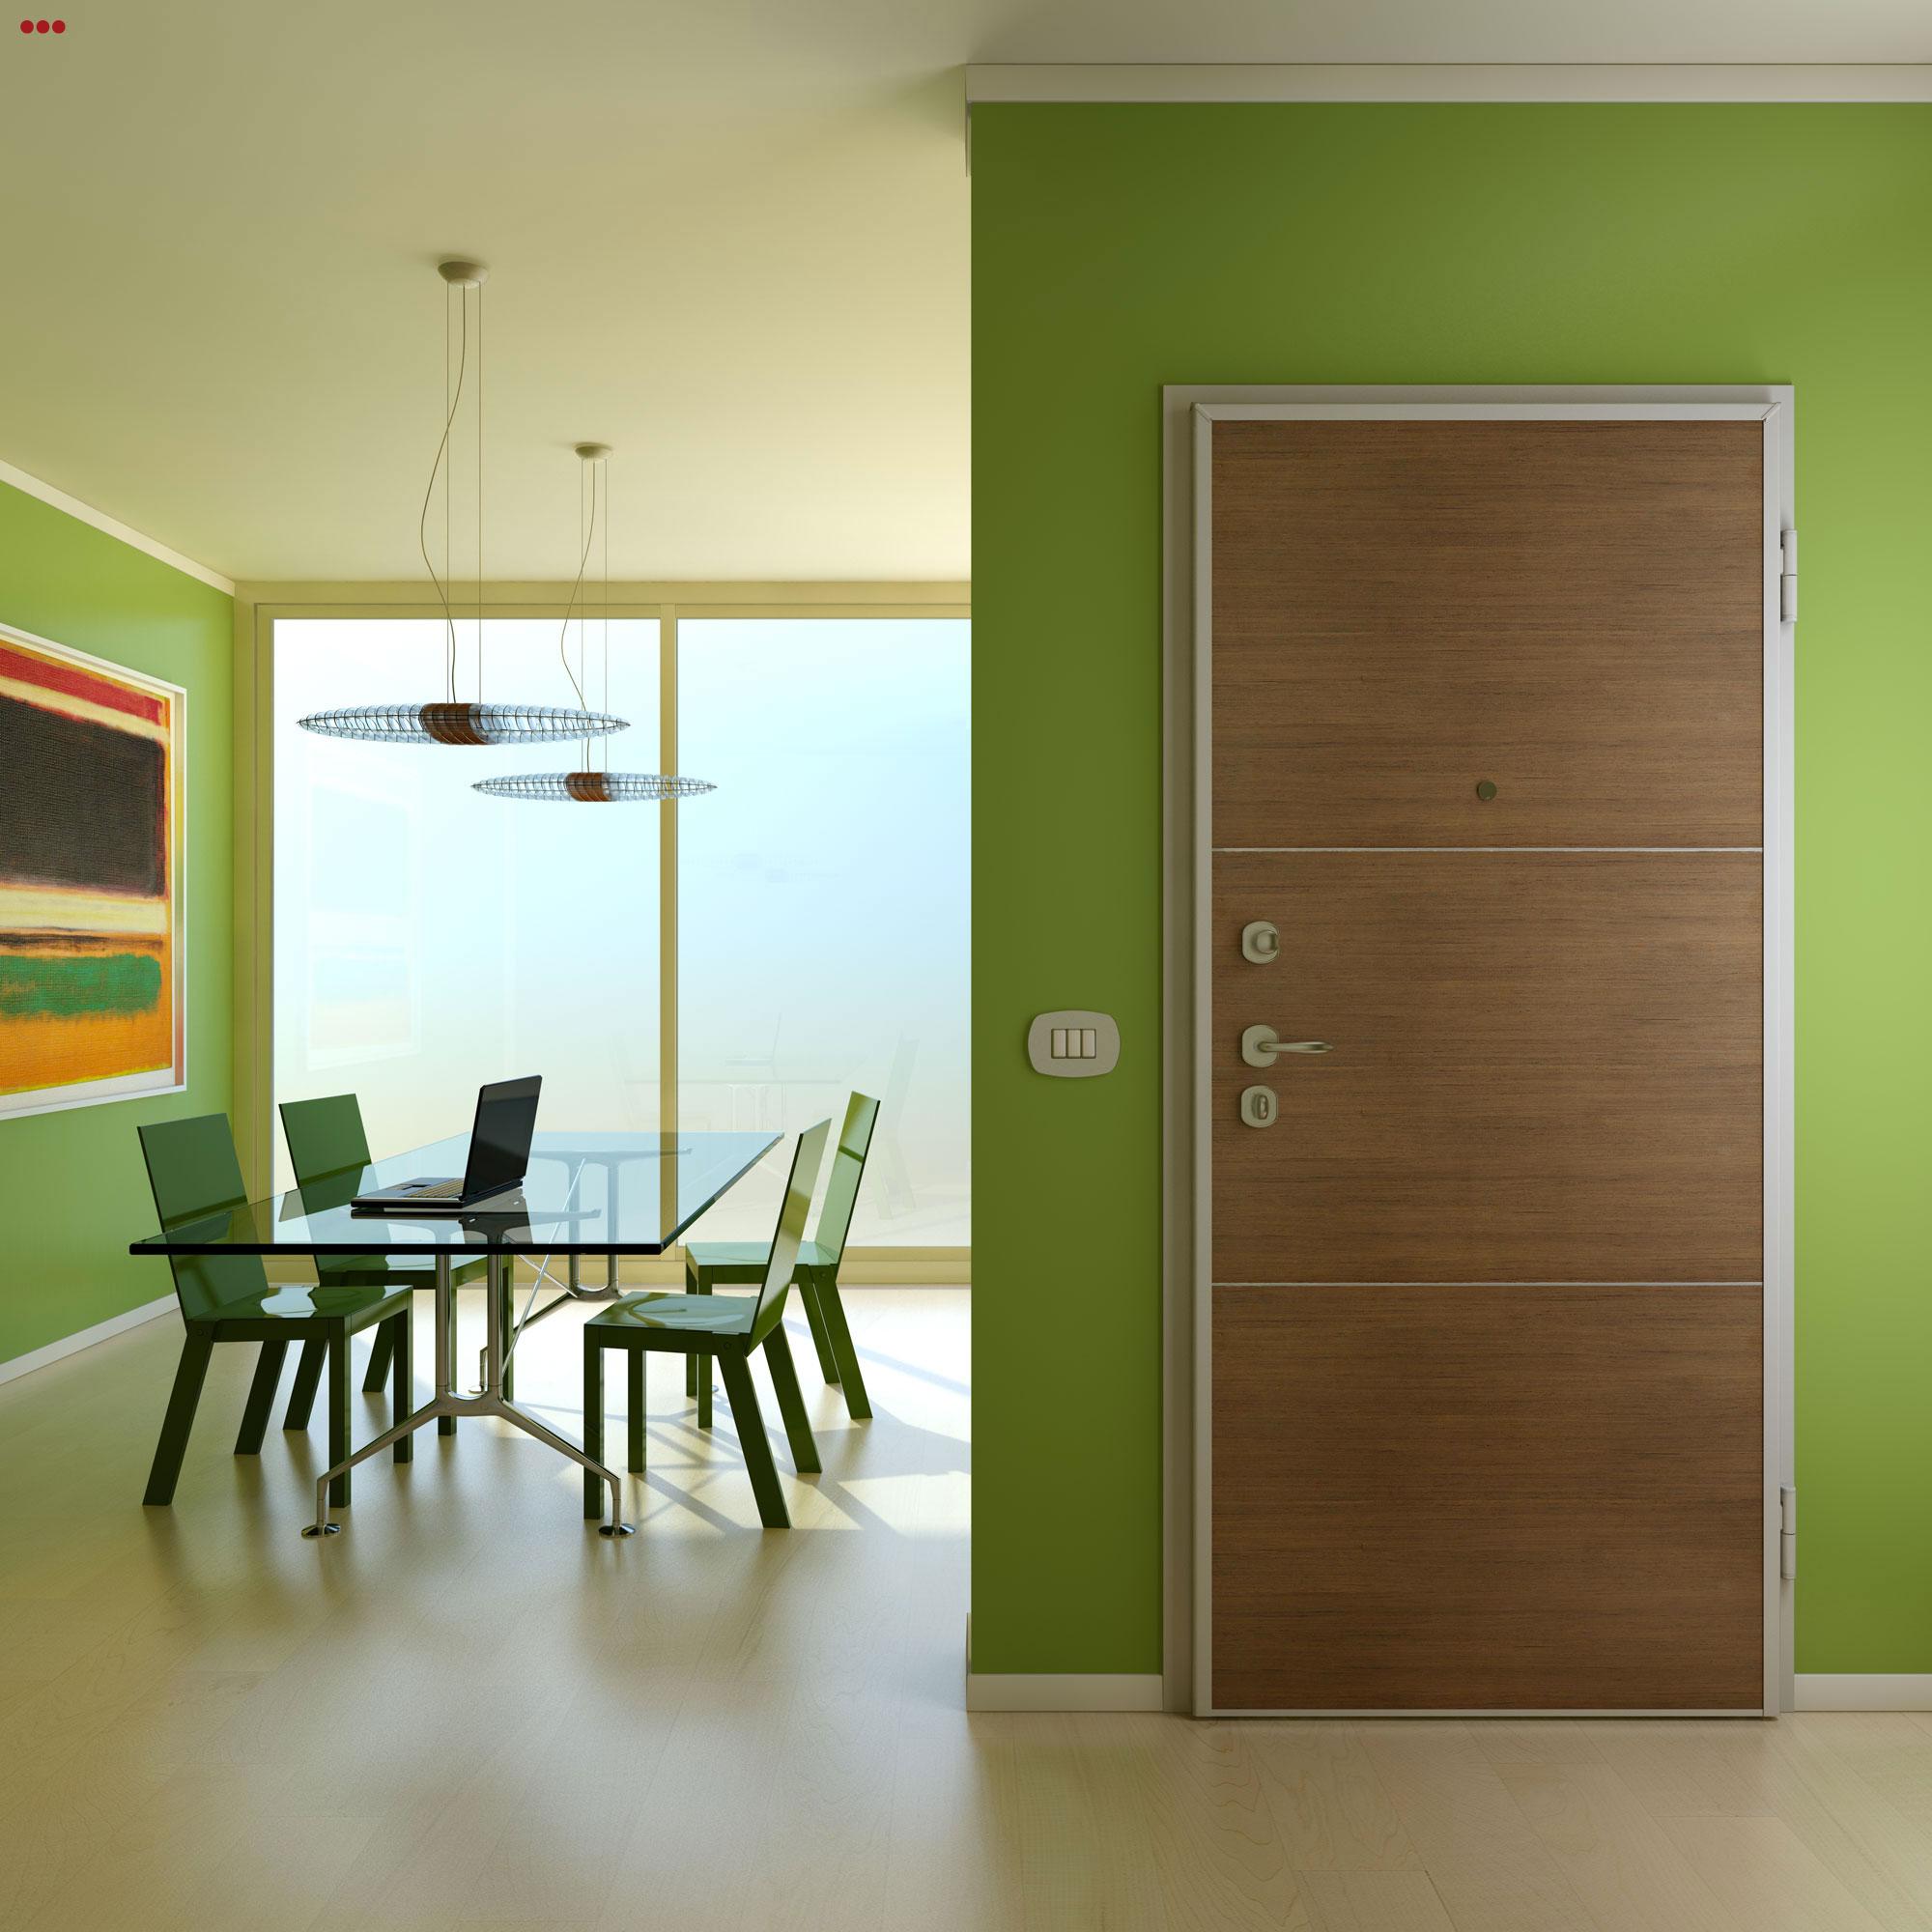 Studio Bartolini rendering fotografico modeling 3d ufficio verde moderno design area lavoro open space cam VFB Plus Main